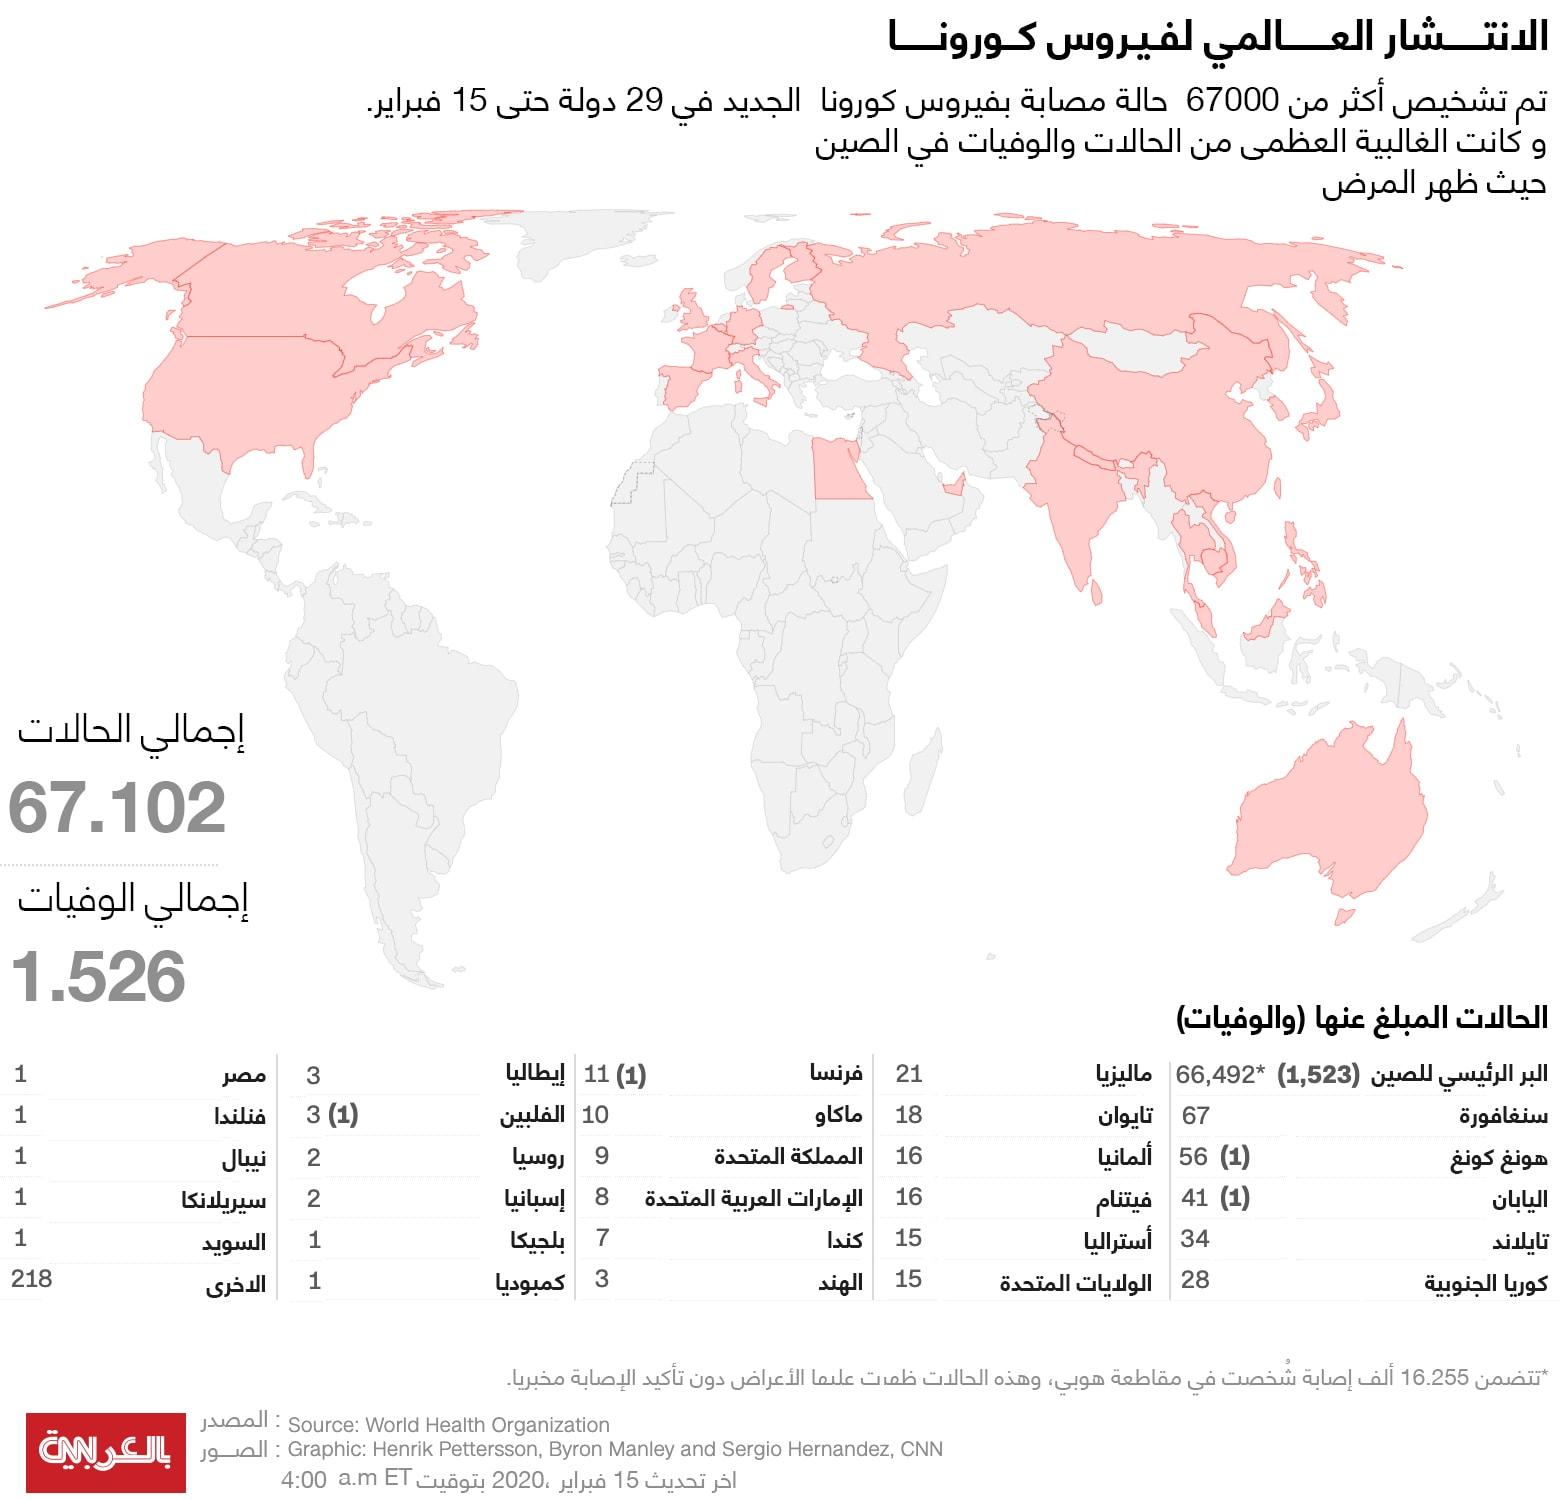 ترتيب الدول التي سجلت حالات إصابة بكورونا